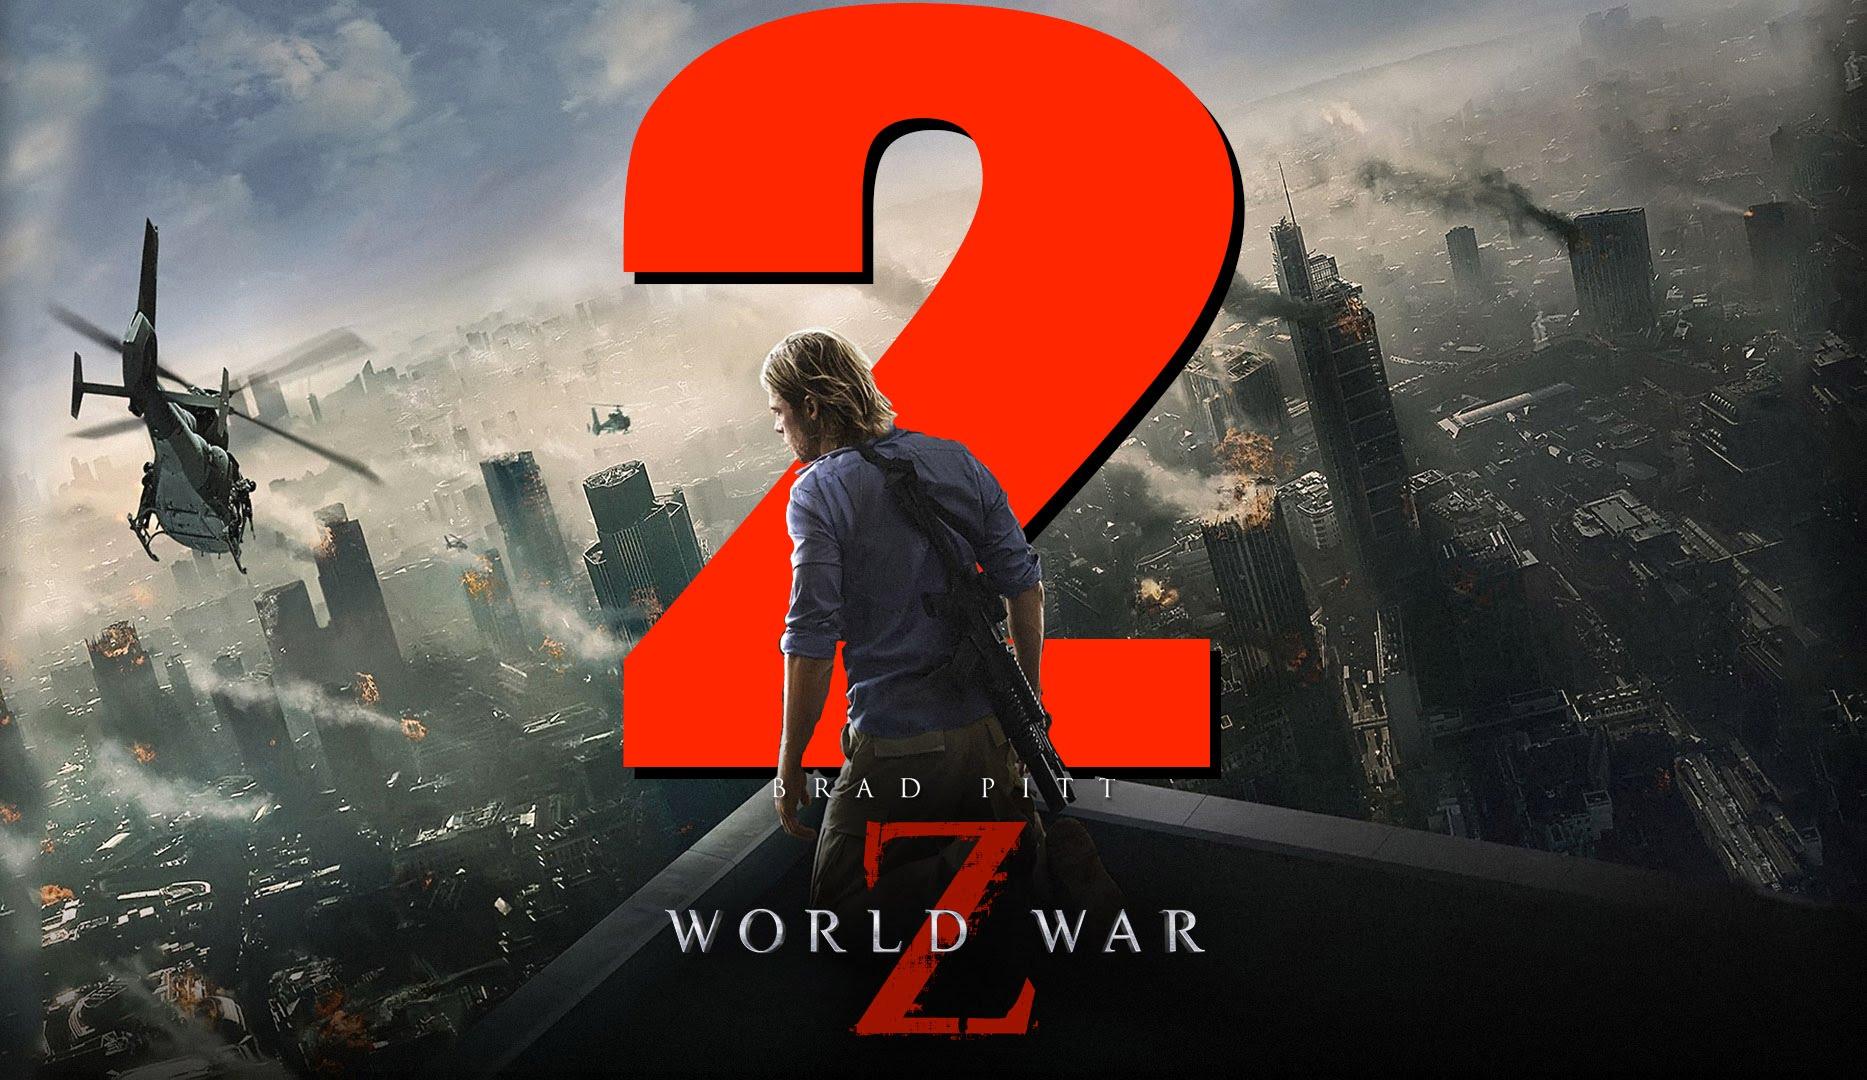 ساخت جنگ جهانی علیه زامبیهای 2 قوت گرفت/بازگشت برد پیت با فیلمی هیجان انگیز+عکس